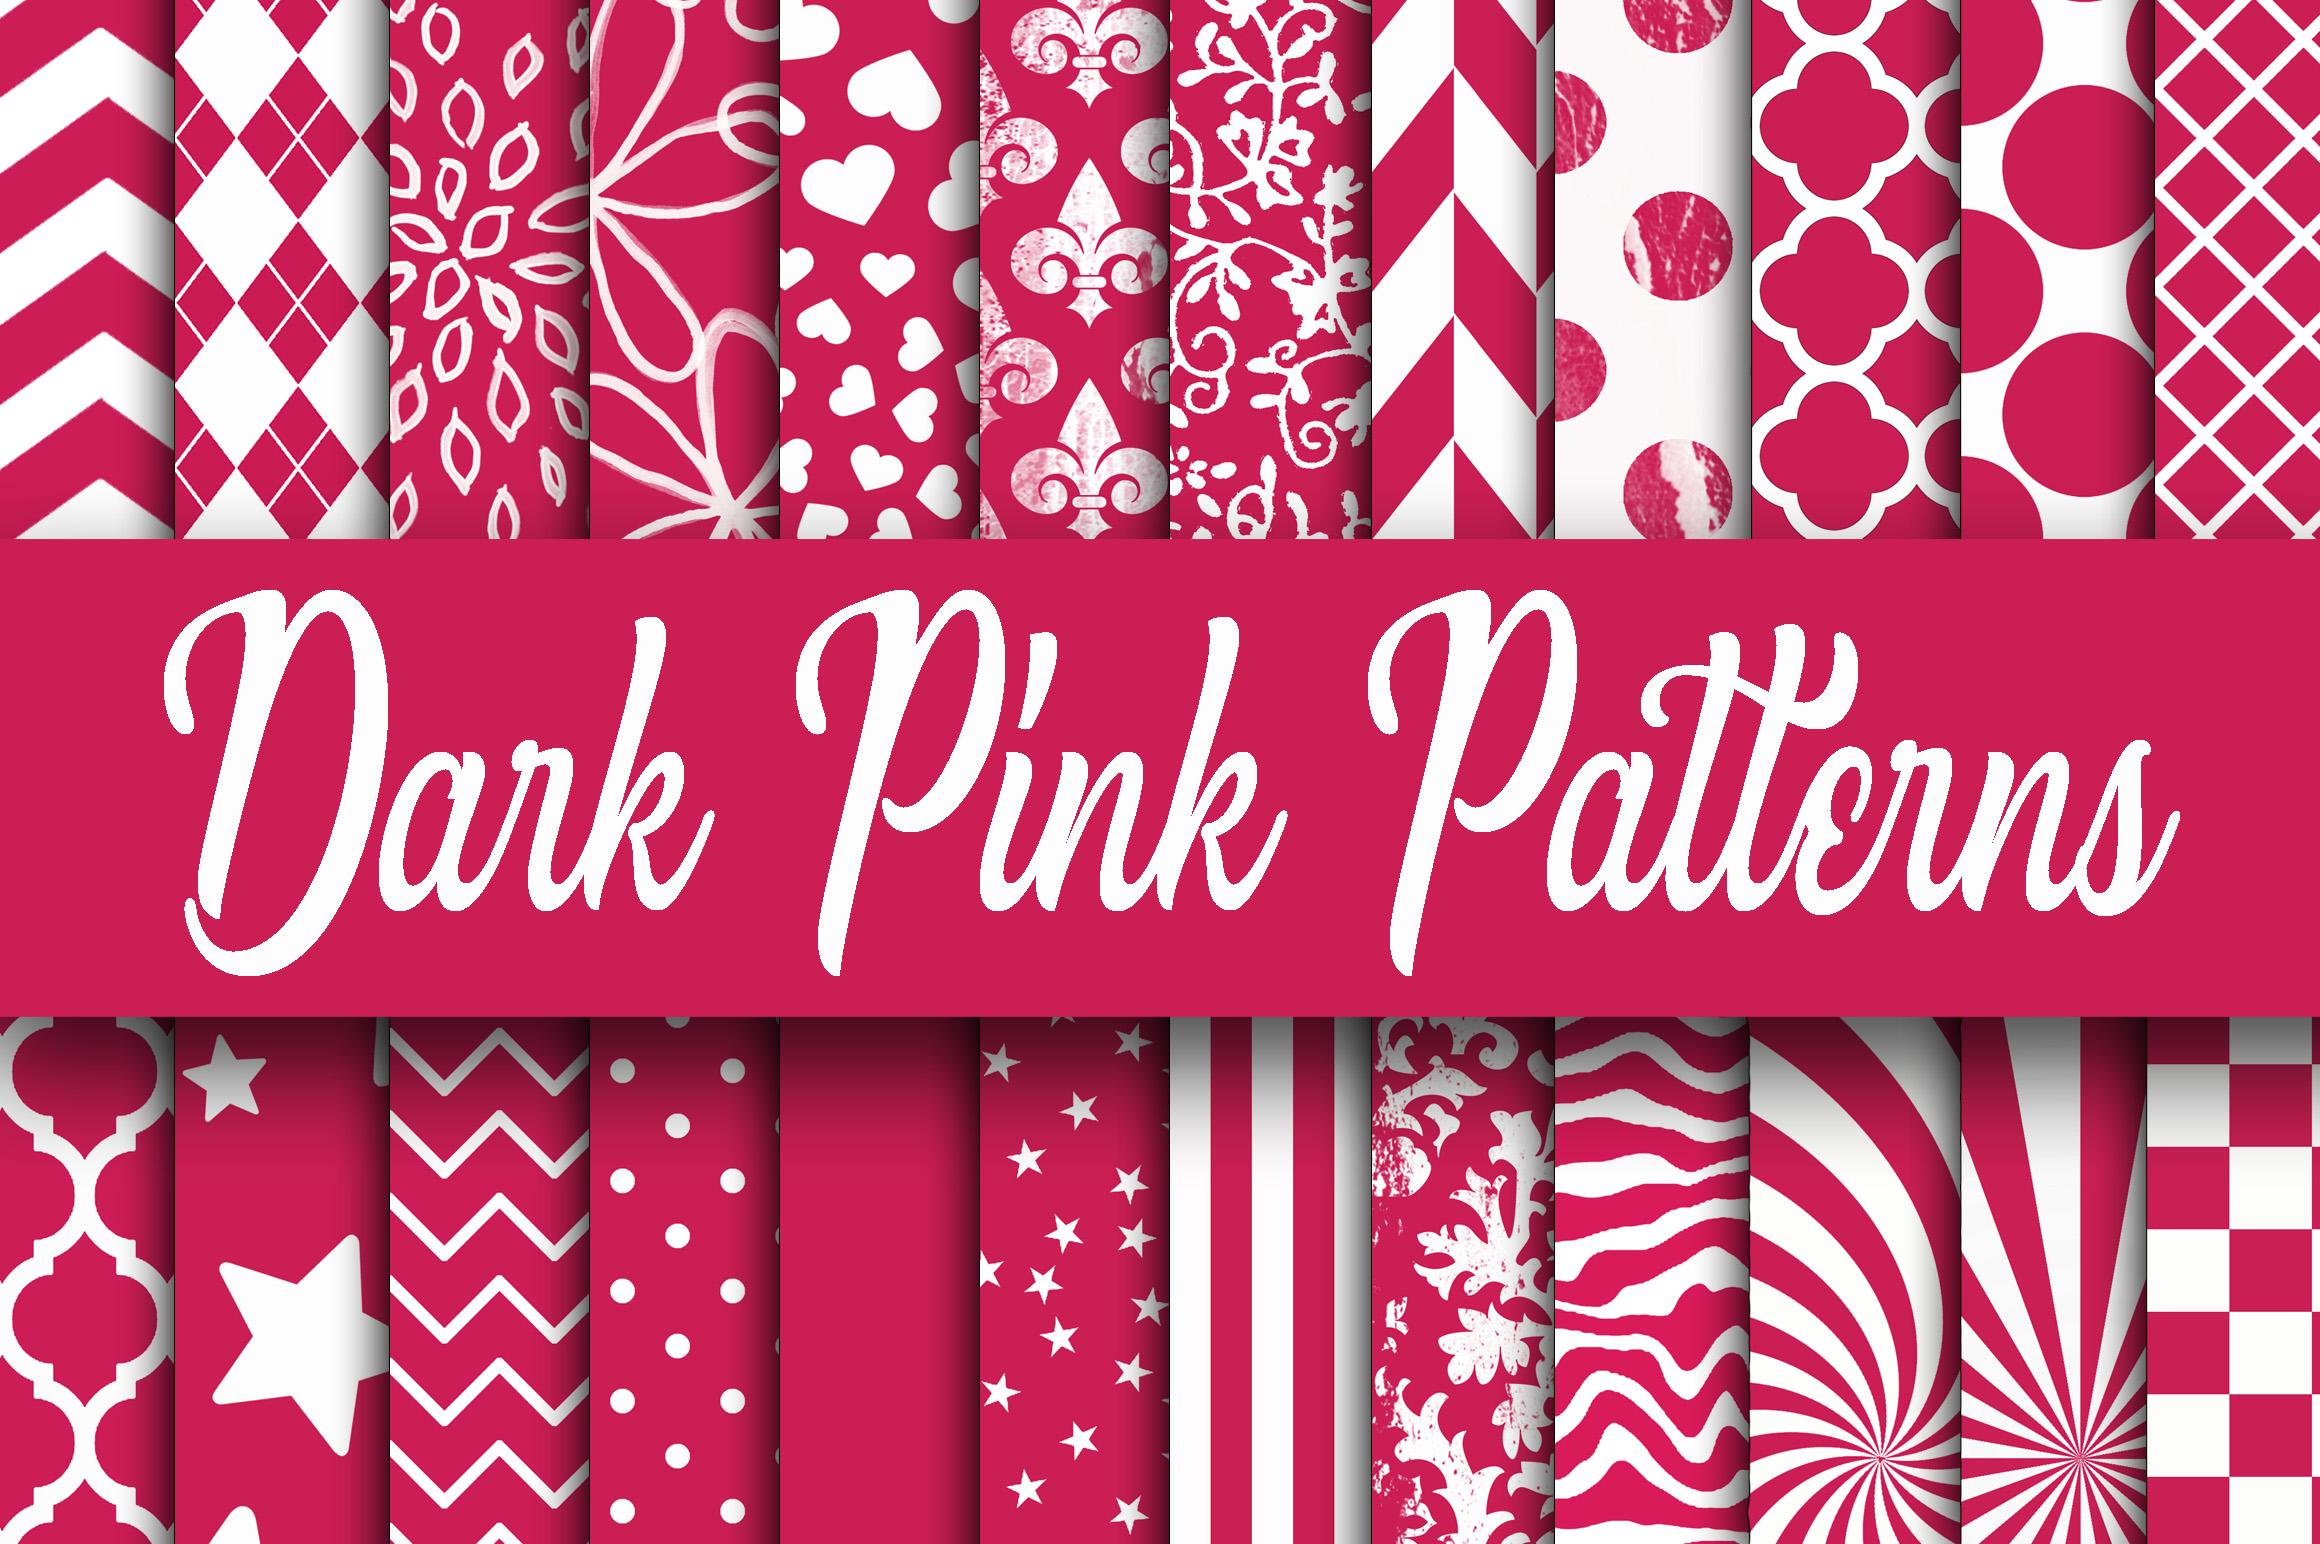 Dark Pink Patterns Digital Paper 37248 Backgrounds Design Bundles